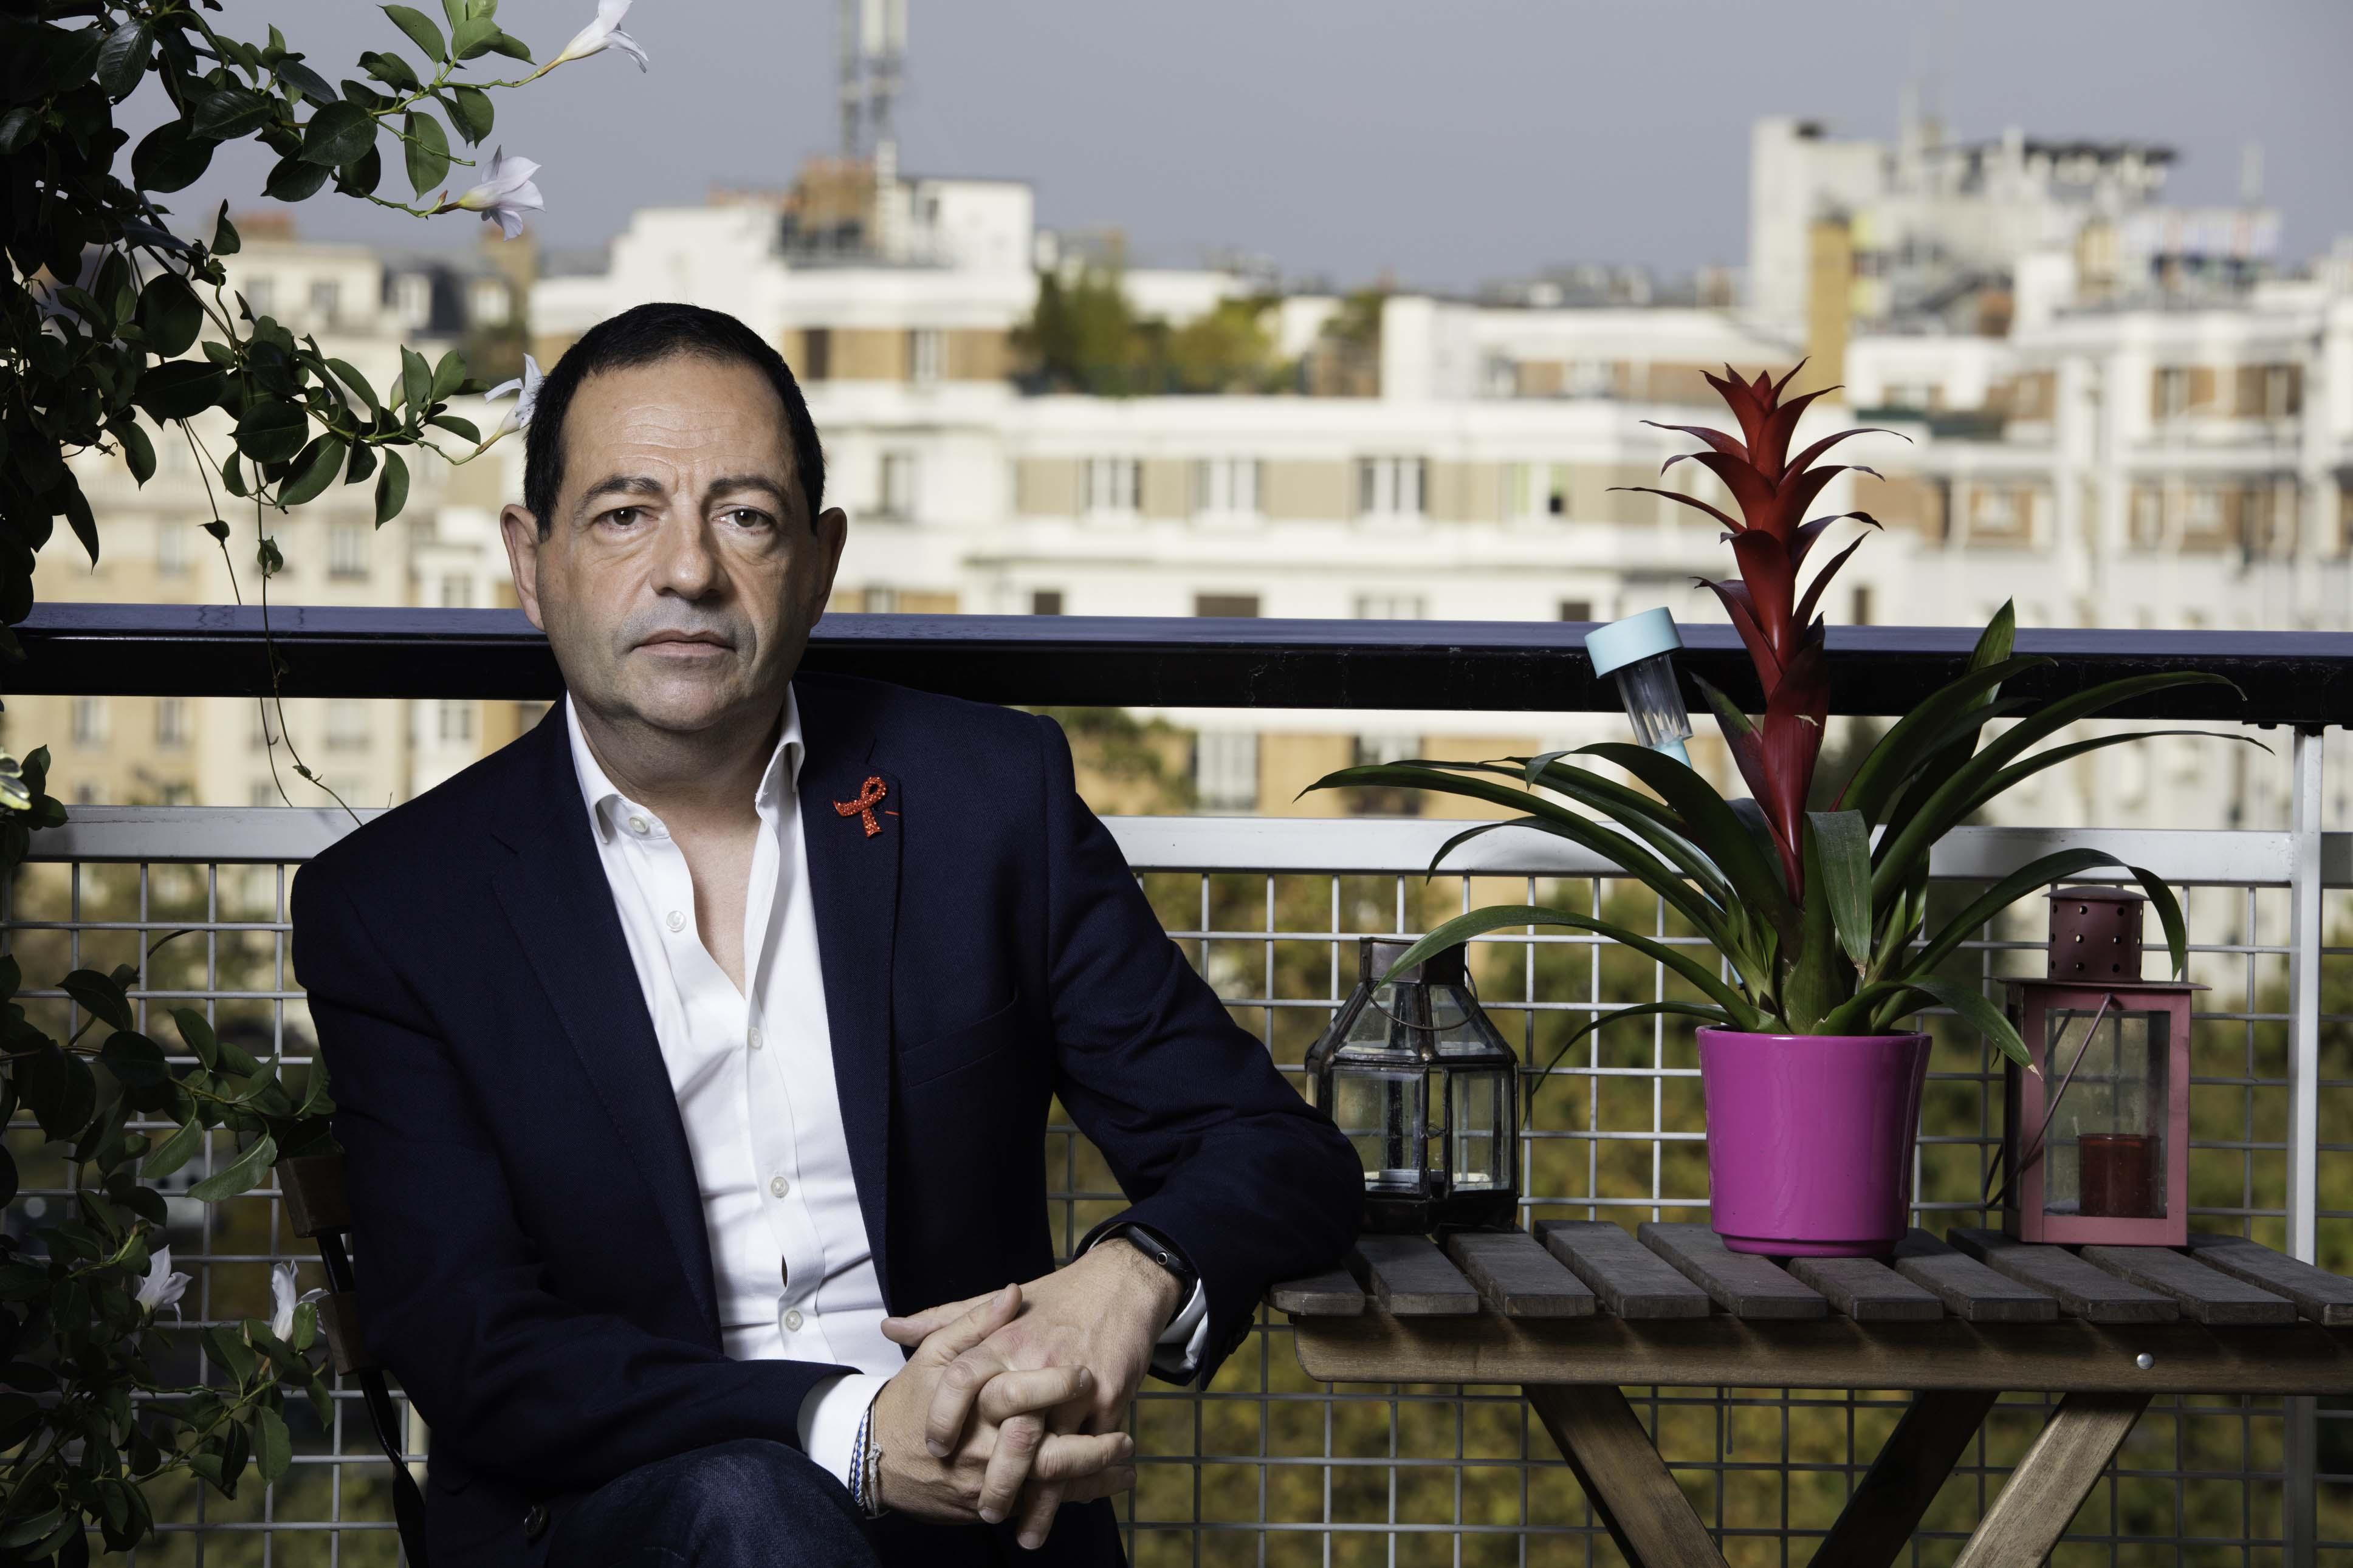 Vous l'avez élu : Jean-Luc Romero-Michel : Personnalité LGBT de l'année (Garçon Magazine)